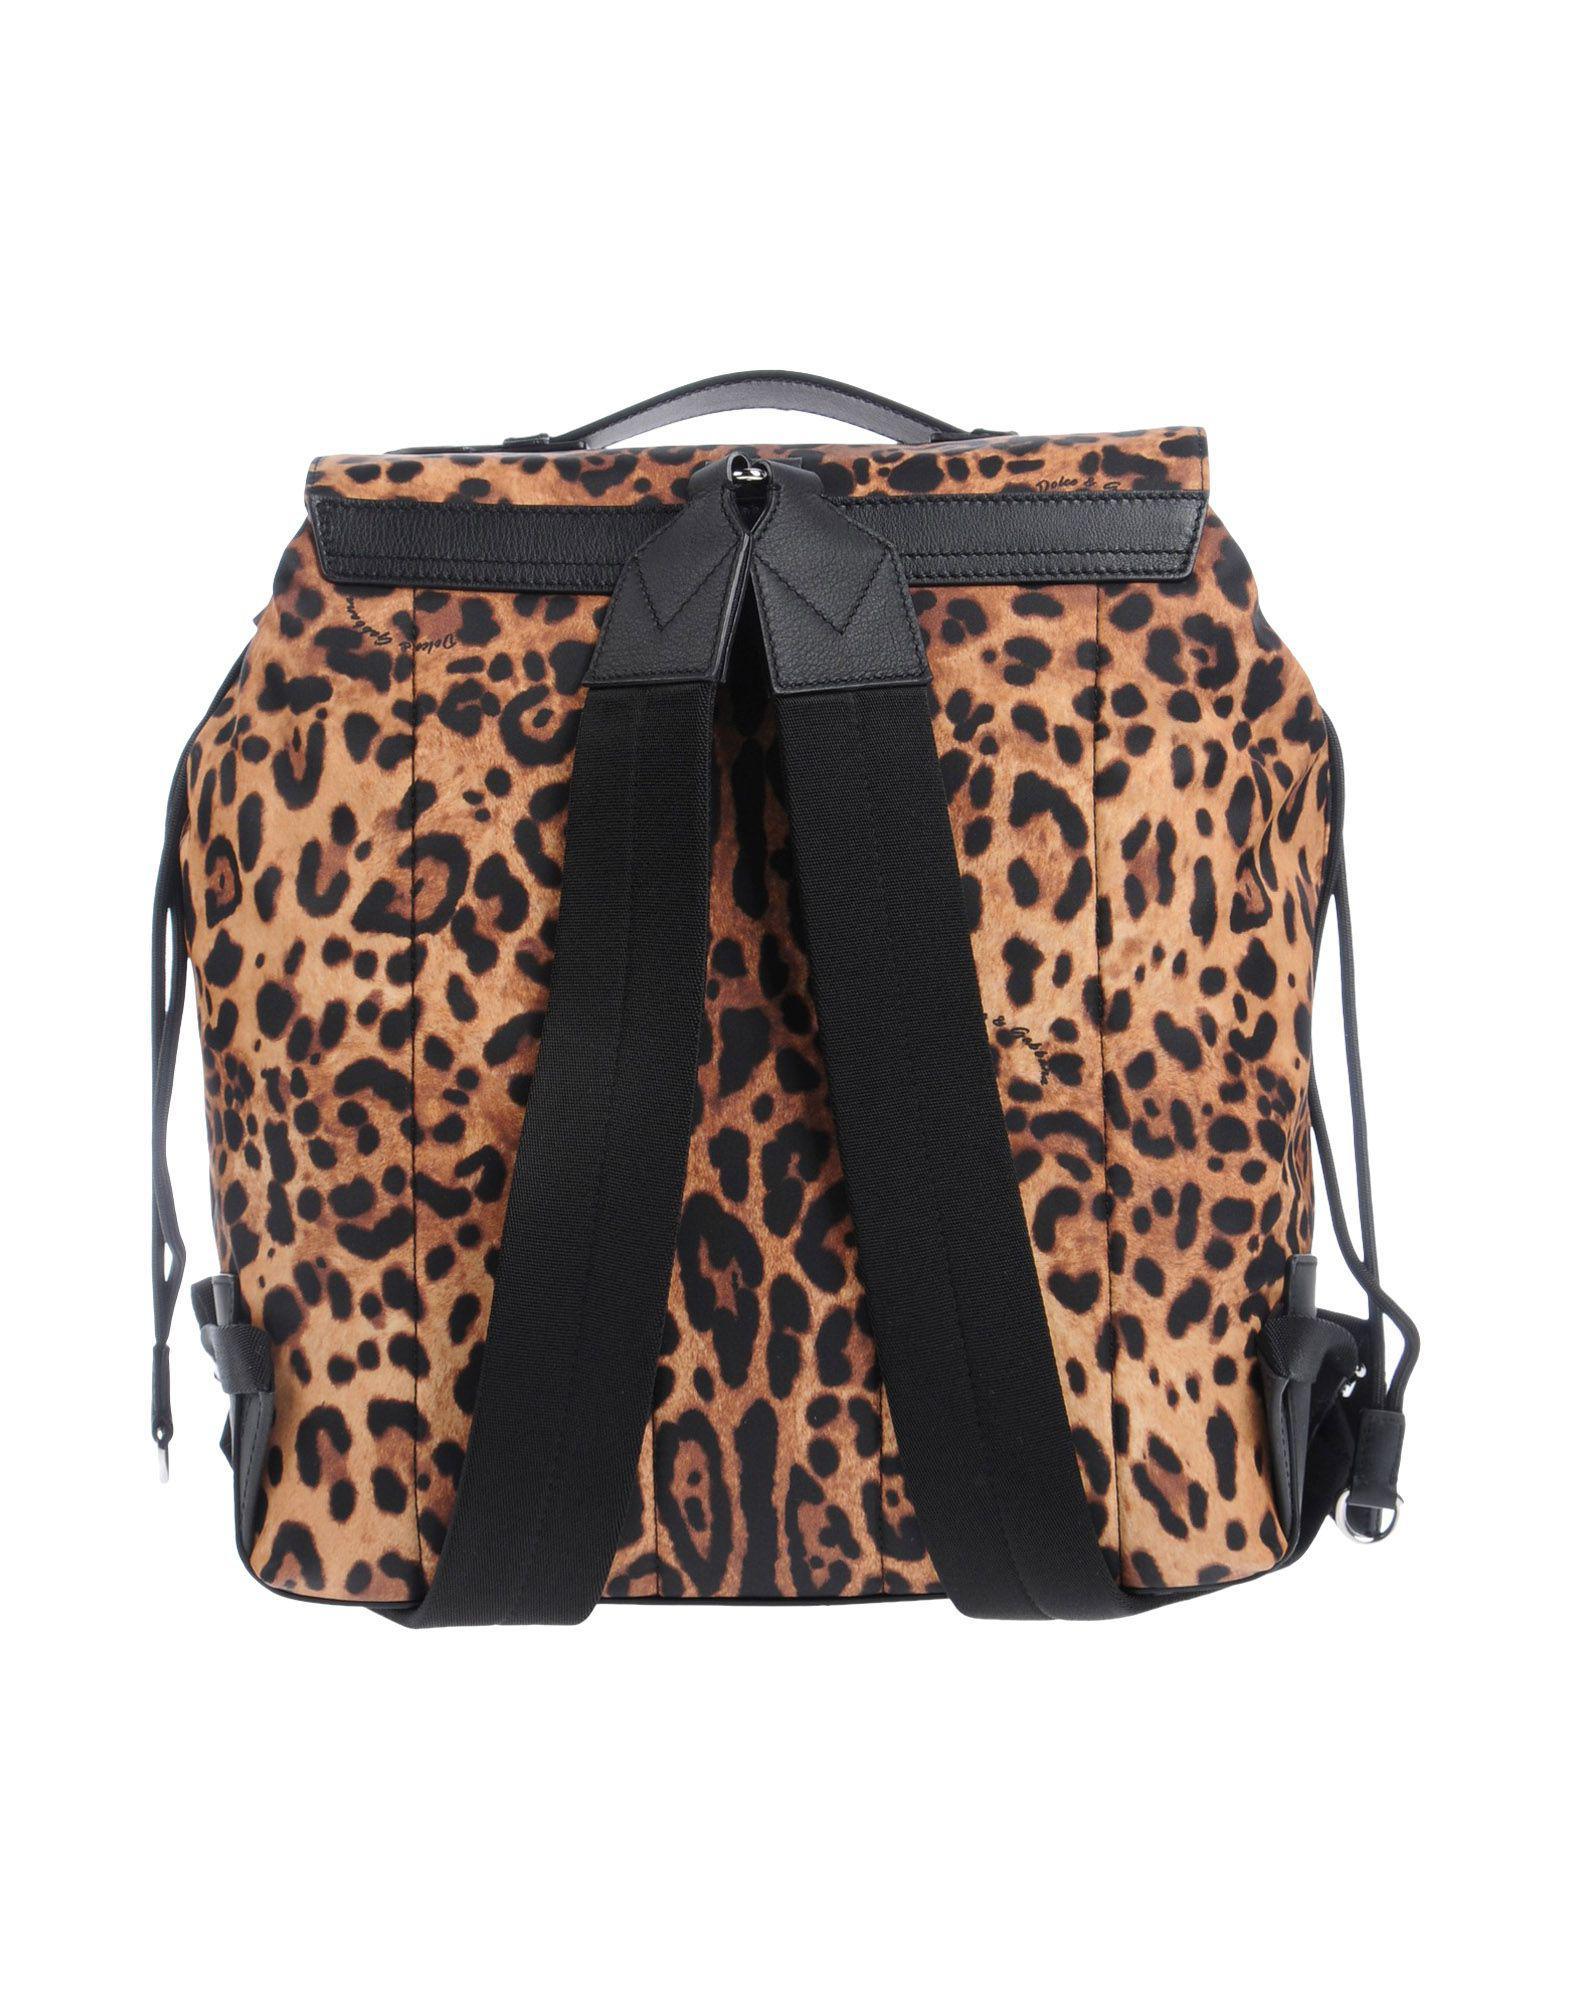 Dolce & Gabbana Leather Backpack For Men On Sale for Men